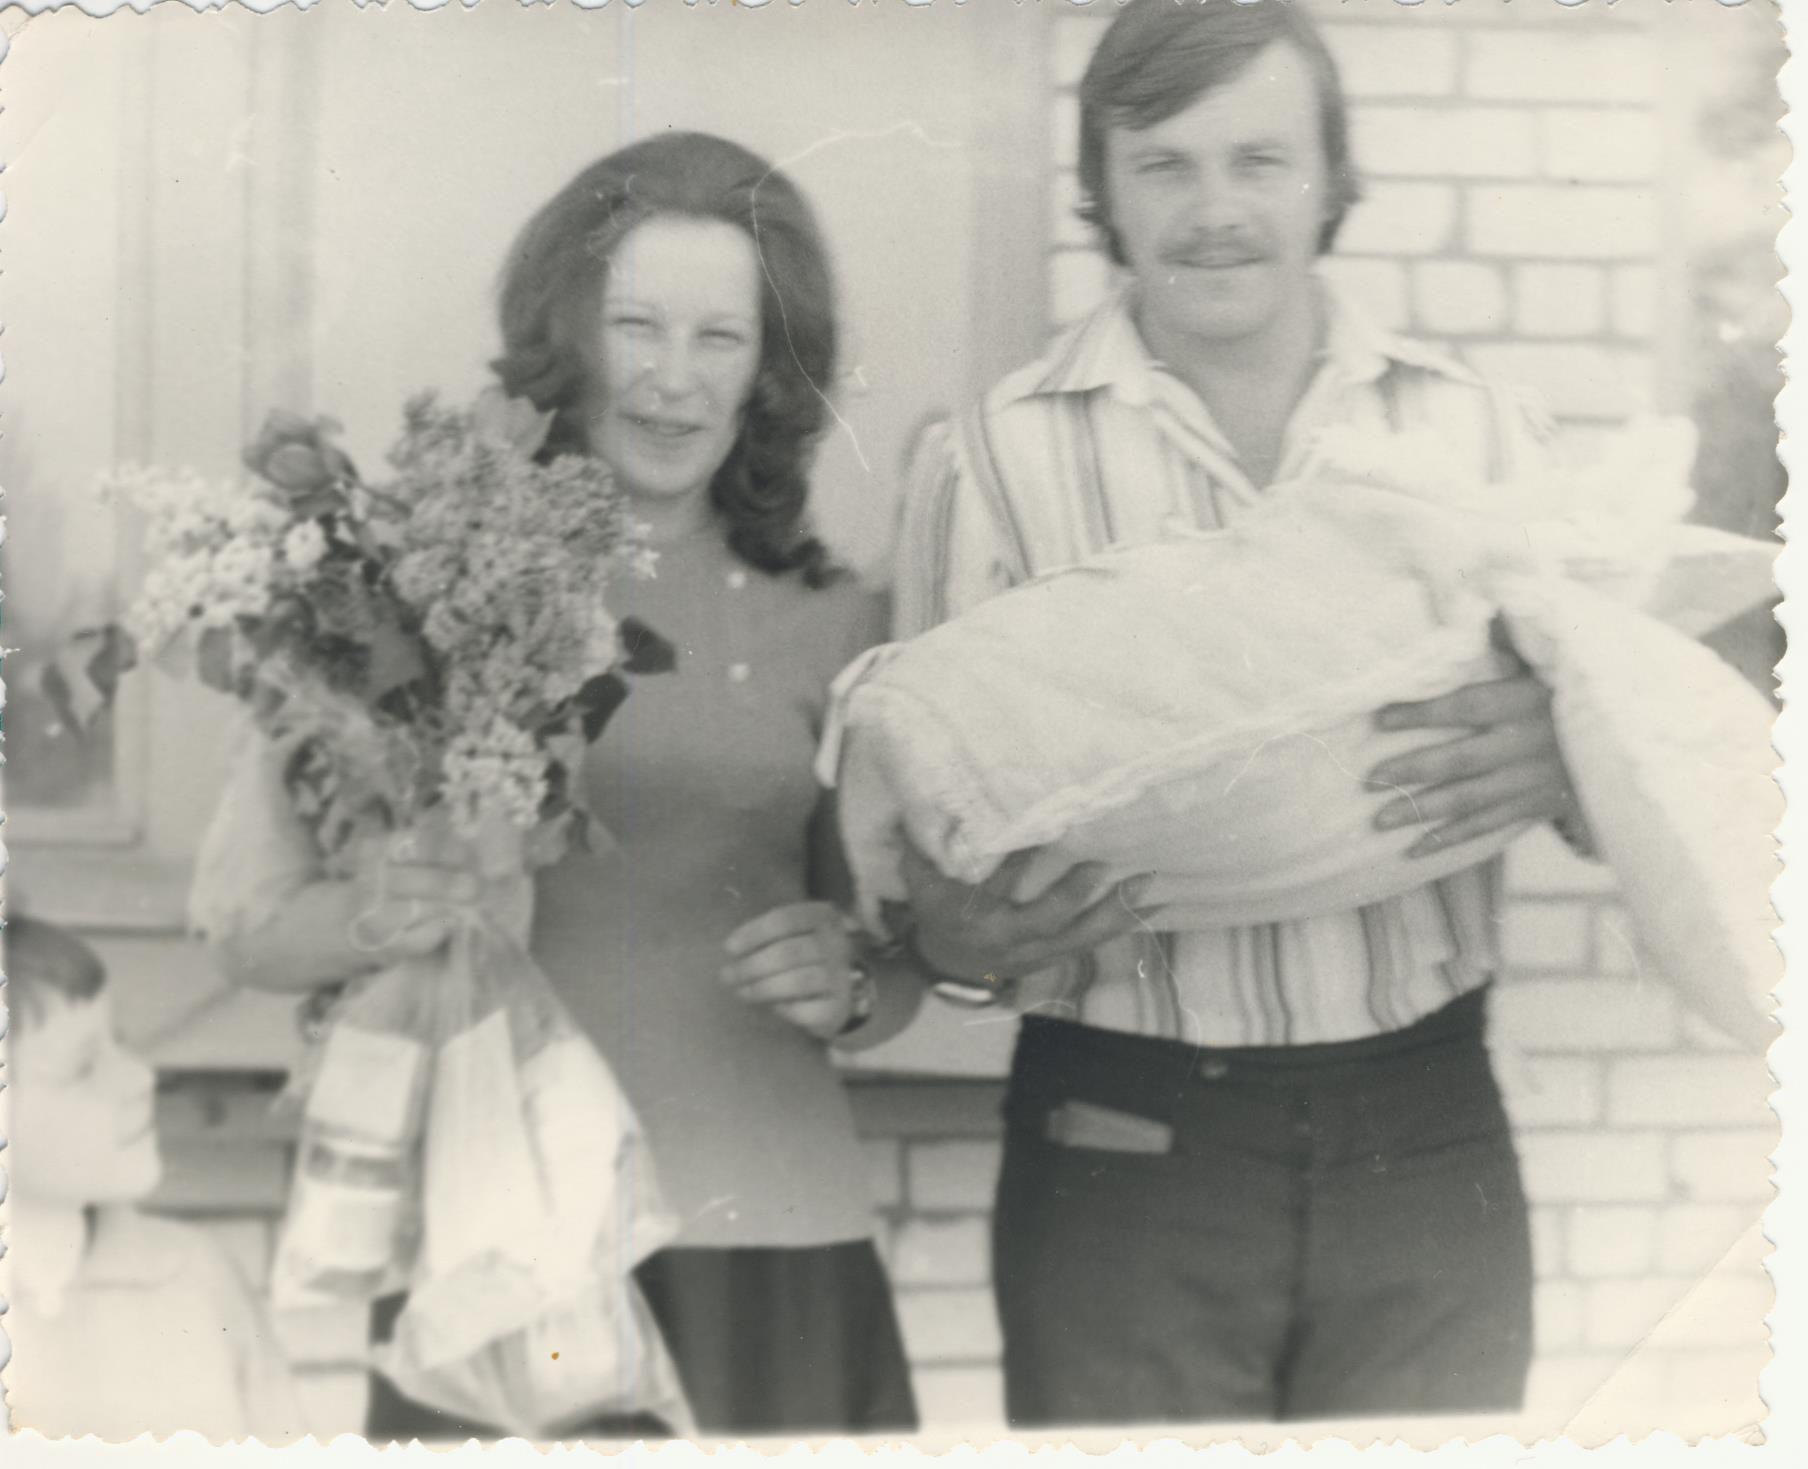 adnriy family 01 - <b>В поисках родителей.</b> Рассказываем истории тех, кто отыскал самых близких людей через много лет - Заборона